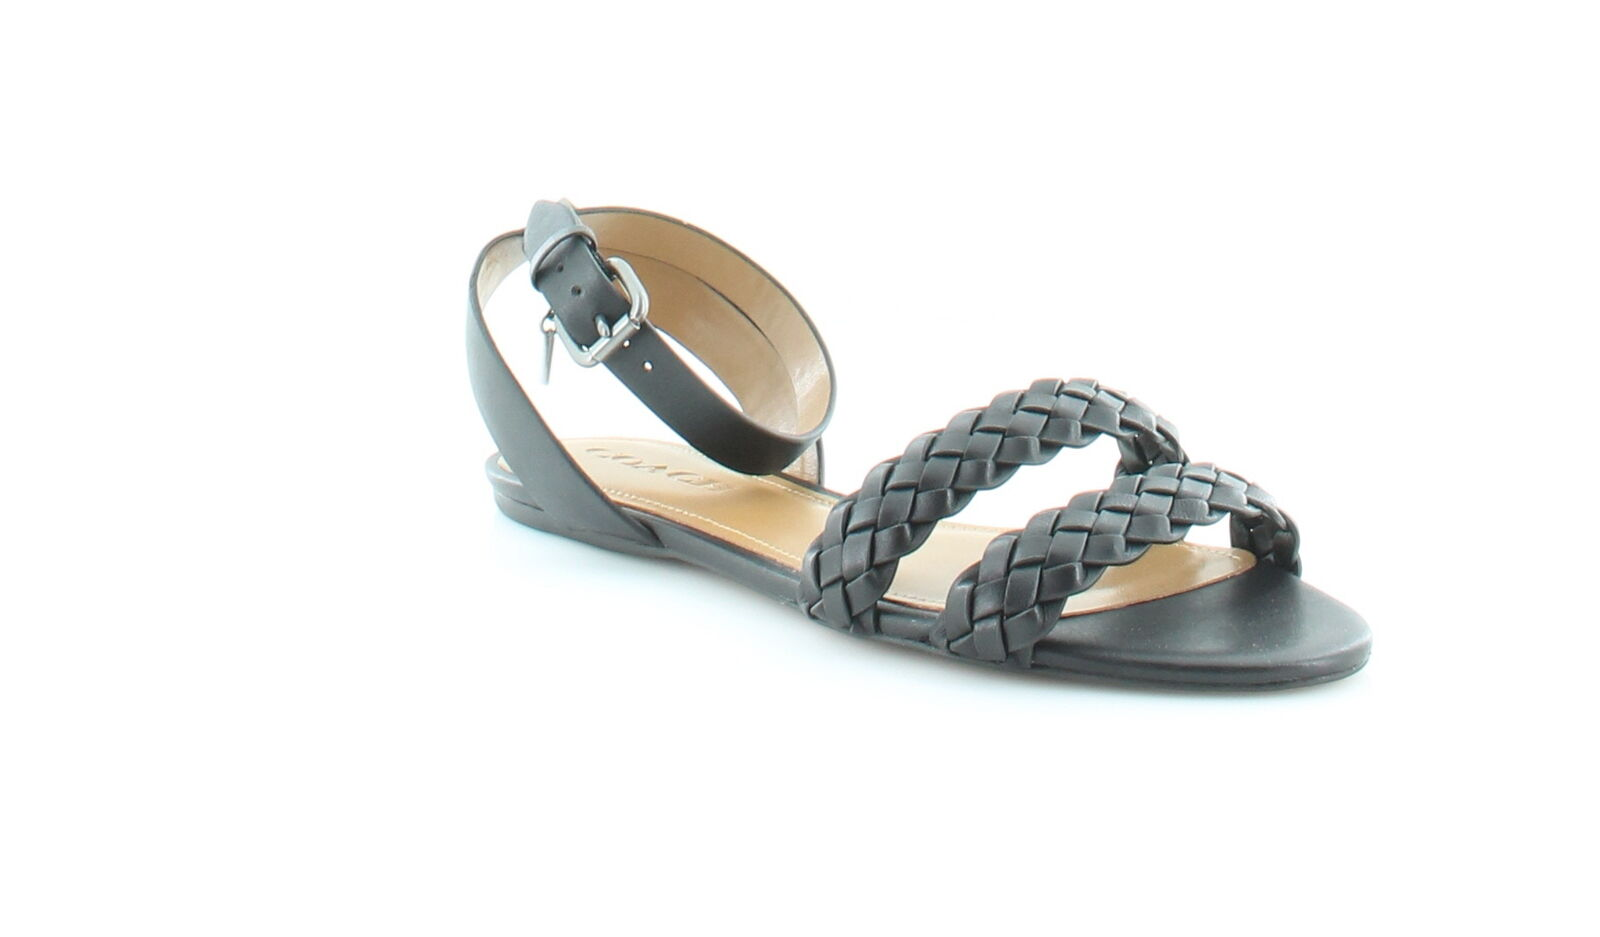 Nuevos Zapatos para mujer Scarlett Negro entrenador de tamaño 7.5 7.5 7.5 M Sandalias precio minorista sugerido por el fabricante  165  bienvenido a orden